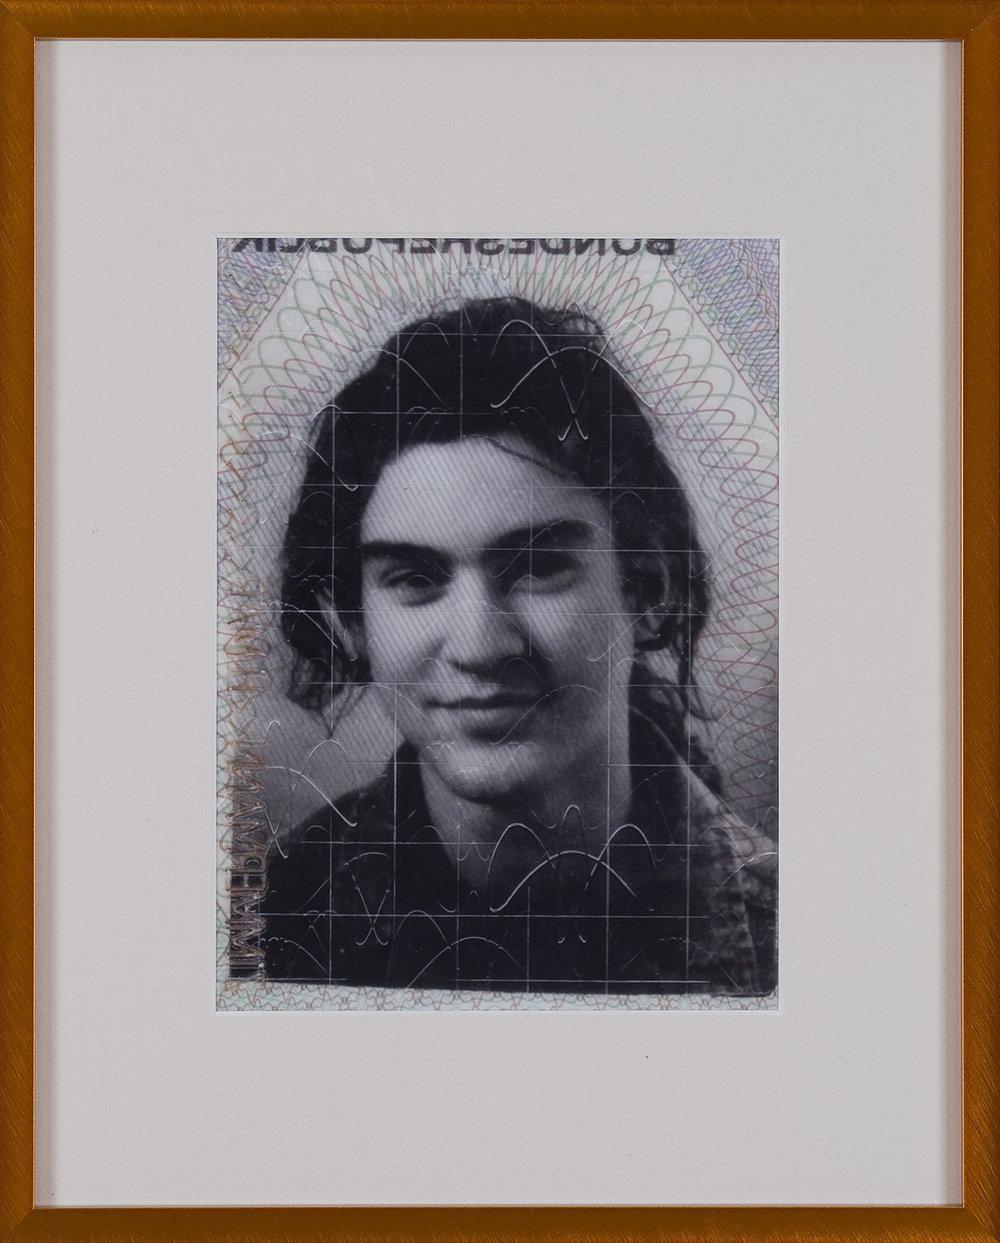 ID | 2010 | Digitaldruck auf Fuji Crystal Archive Papier | 19,5 x 14,5 cm | gerahmt 30 x 24 cm | Ed. 10